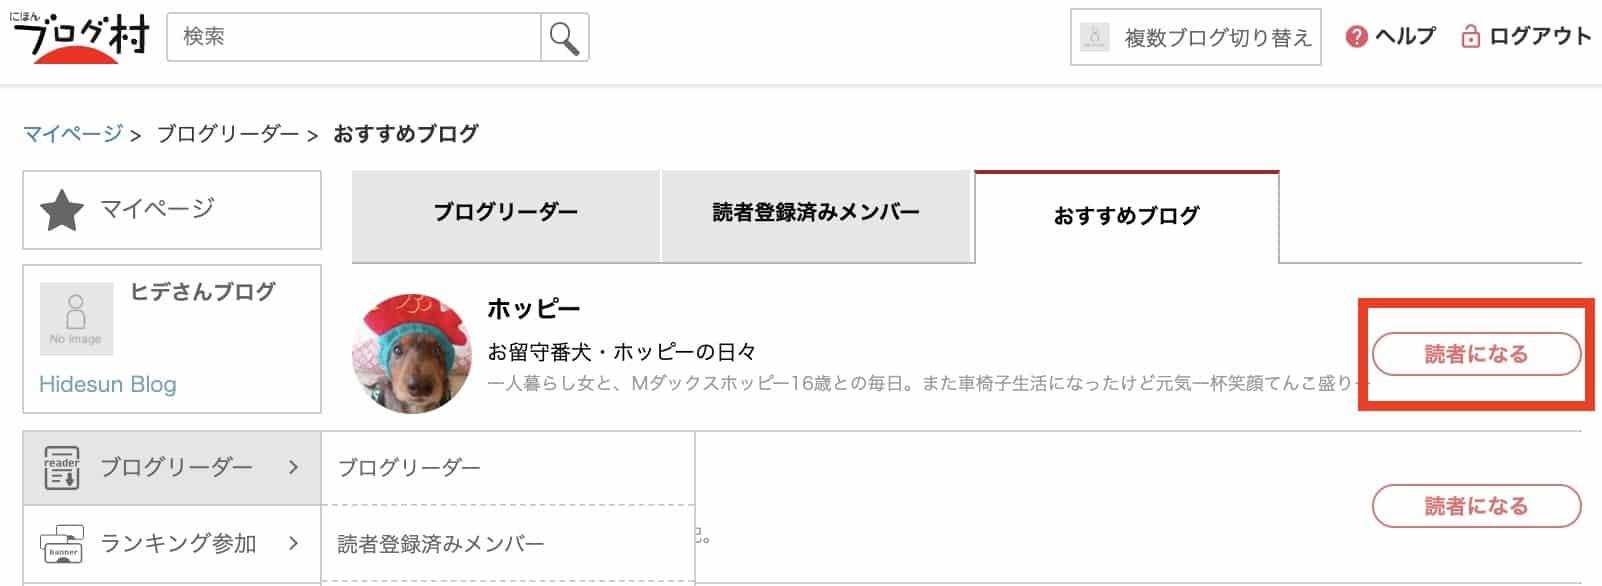 にほんブログ村のブログリーダーで読者登録する方法